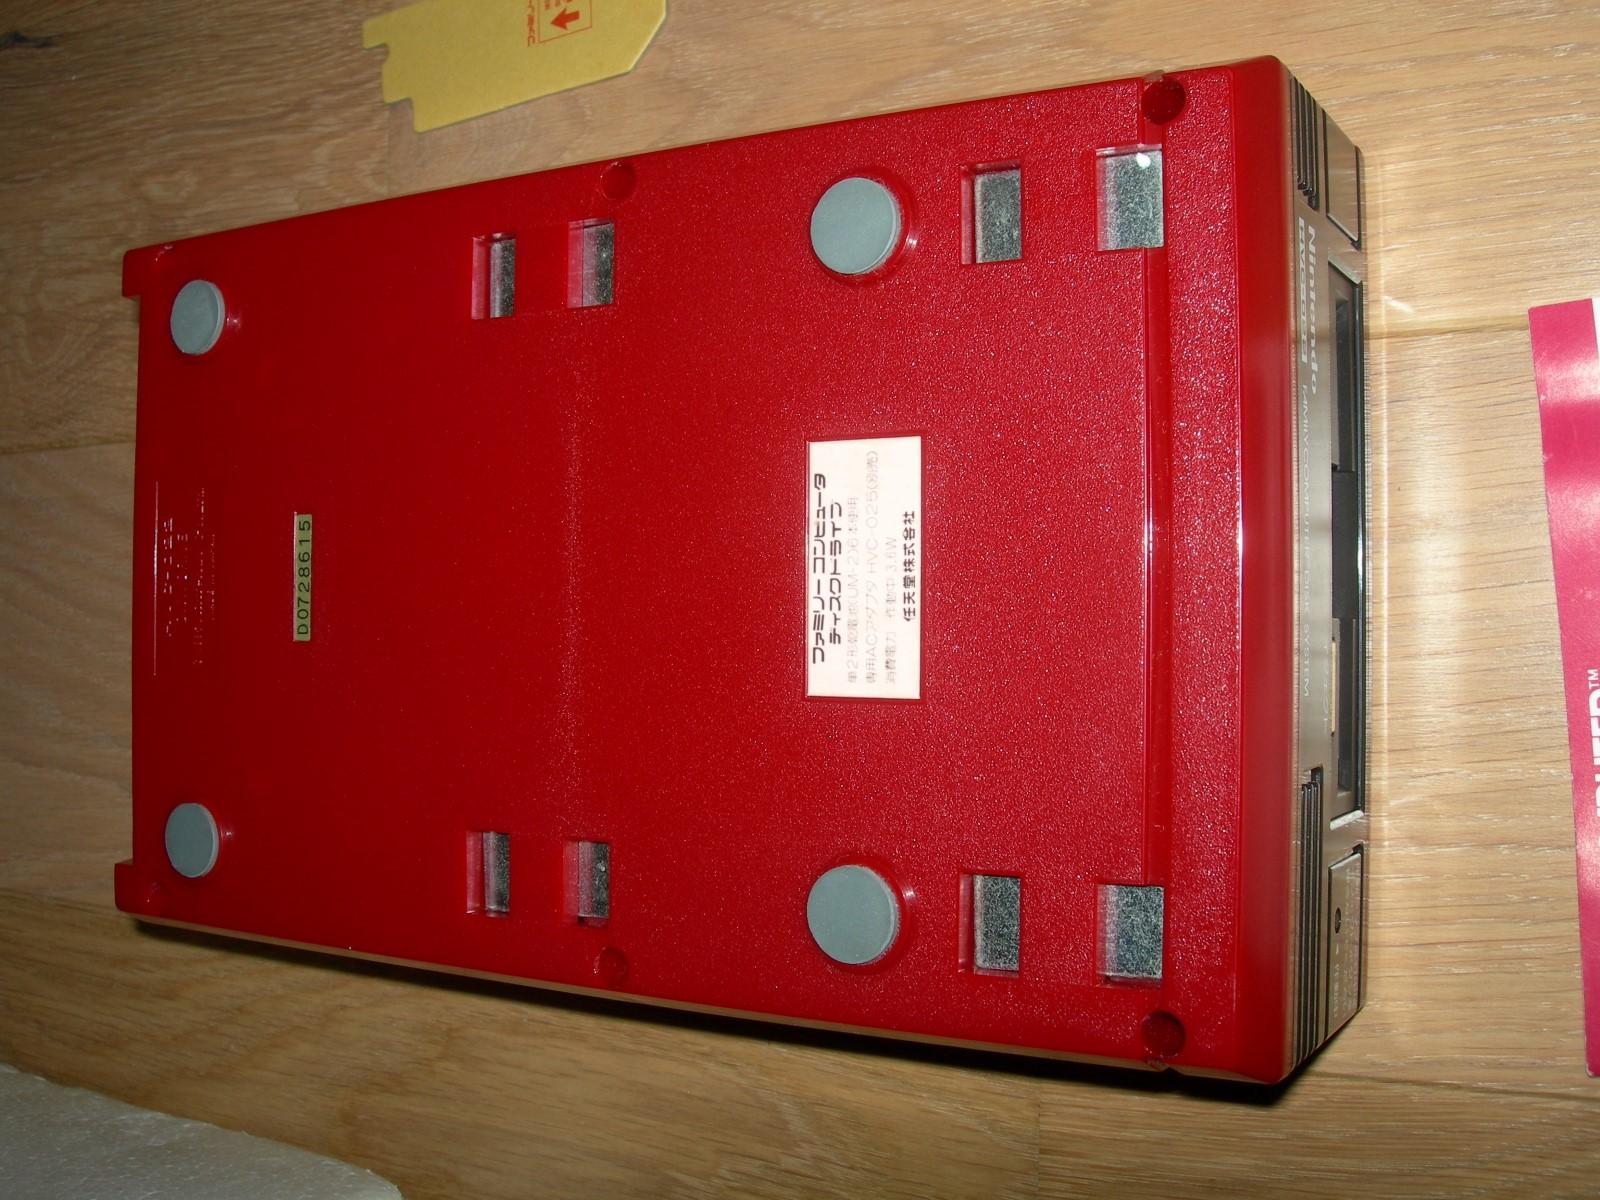 [VDS] Famicom Disk System en boite Dscn3518